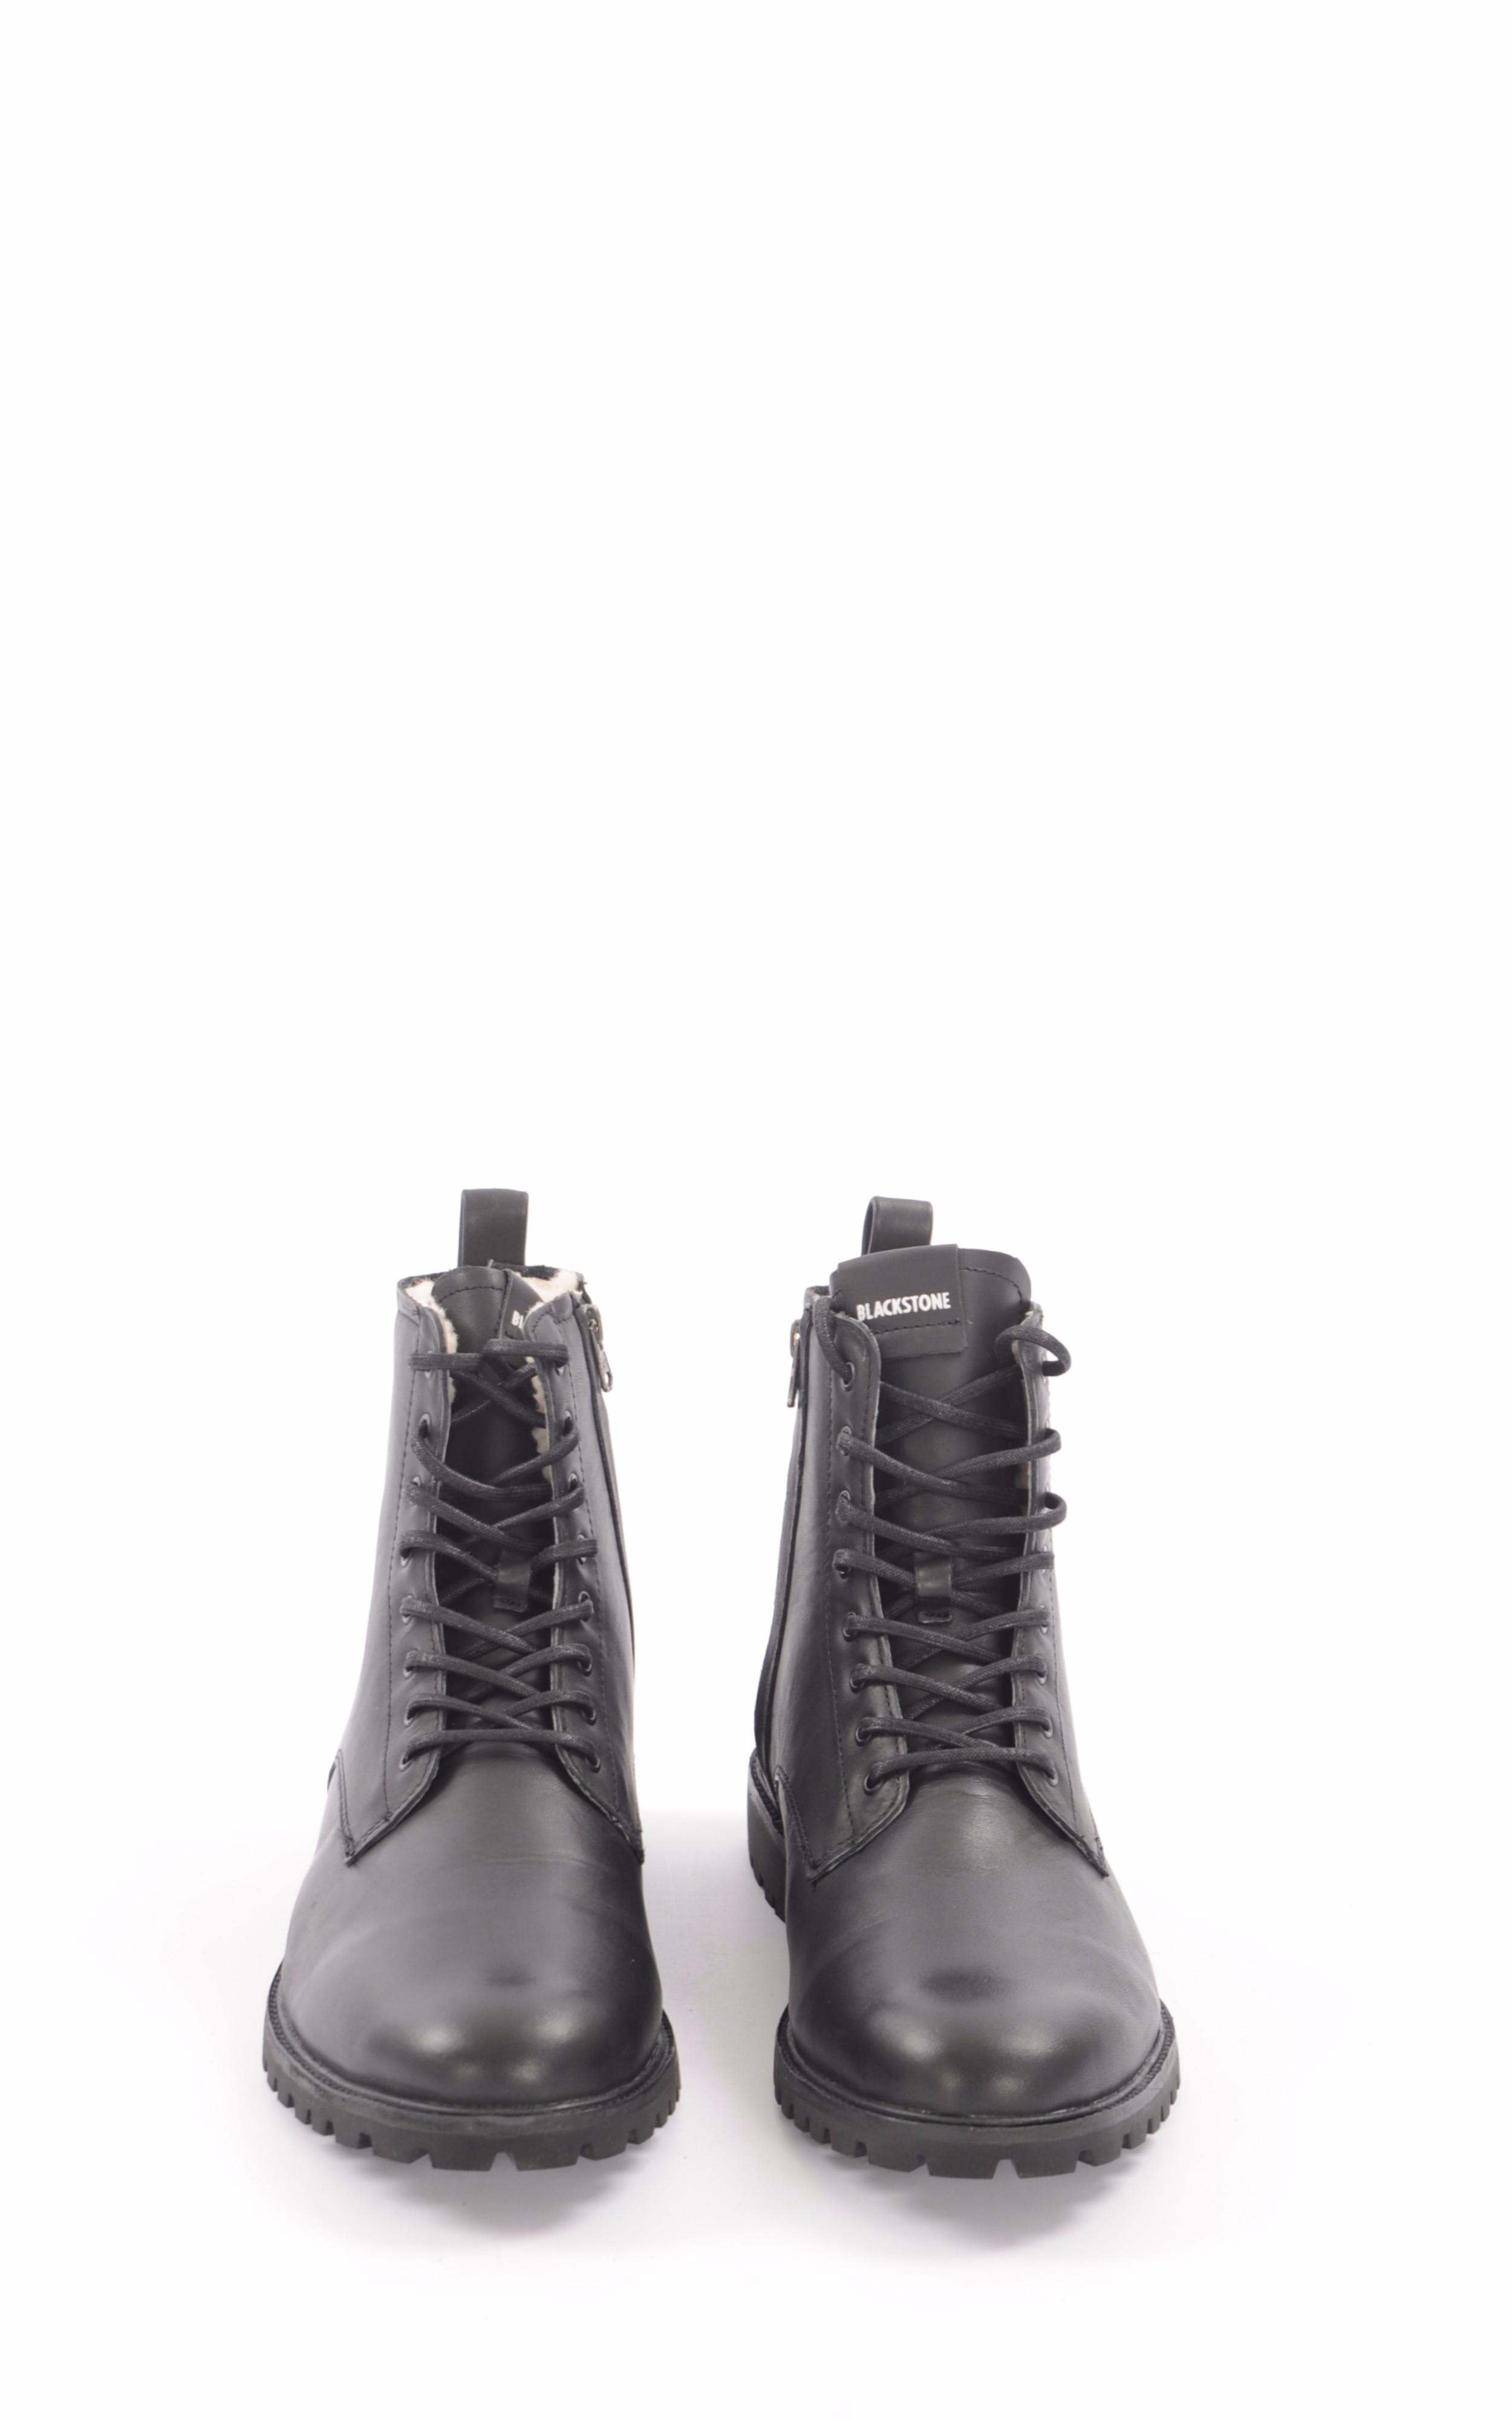 Boots Cuir Noir Fourrées Mouton Blackstone